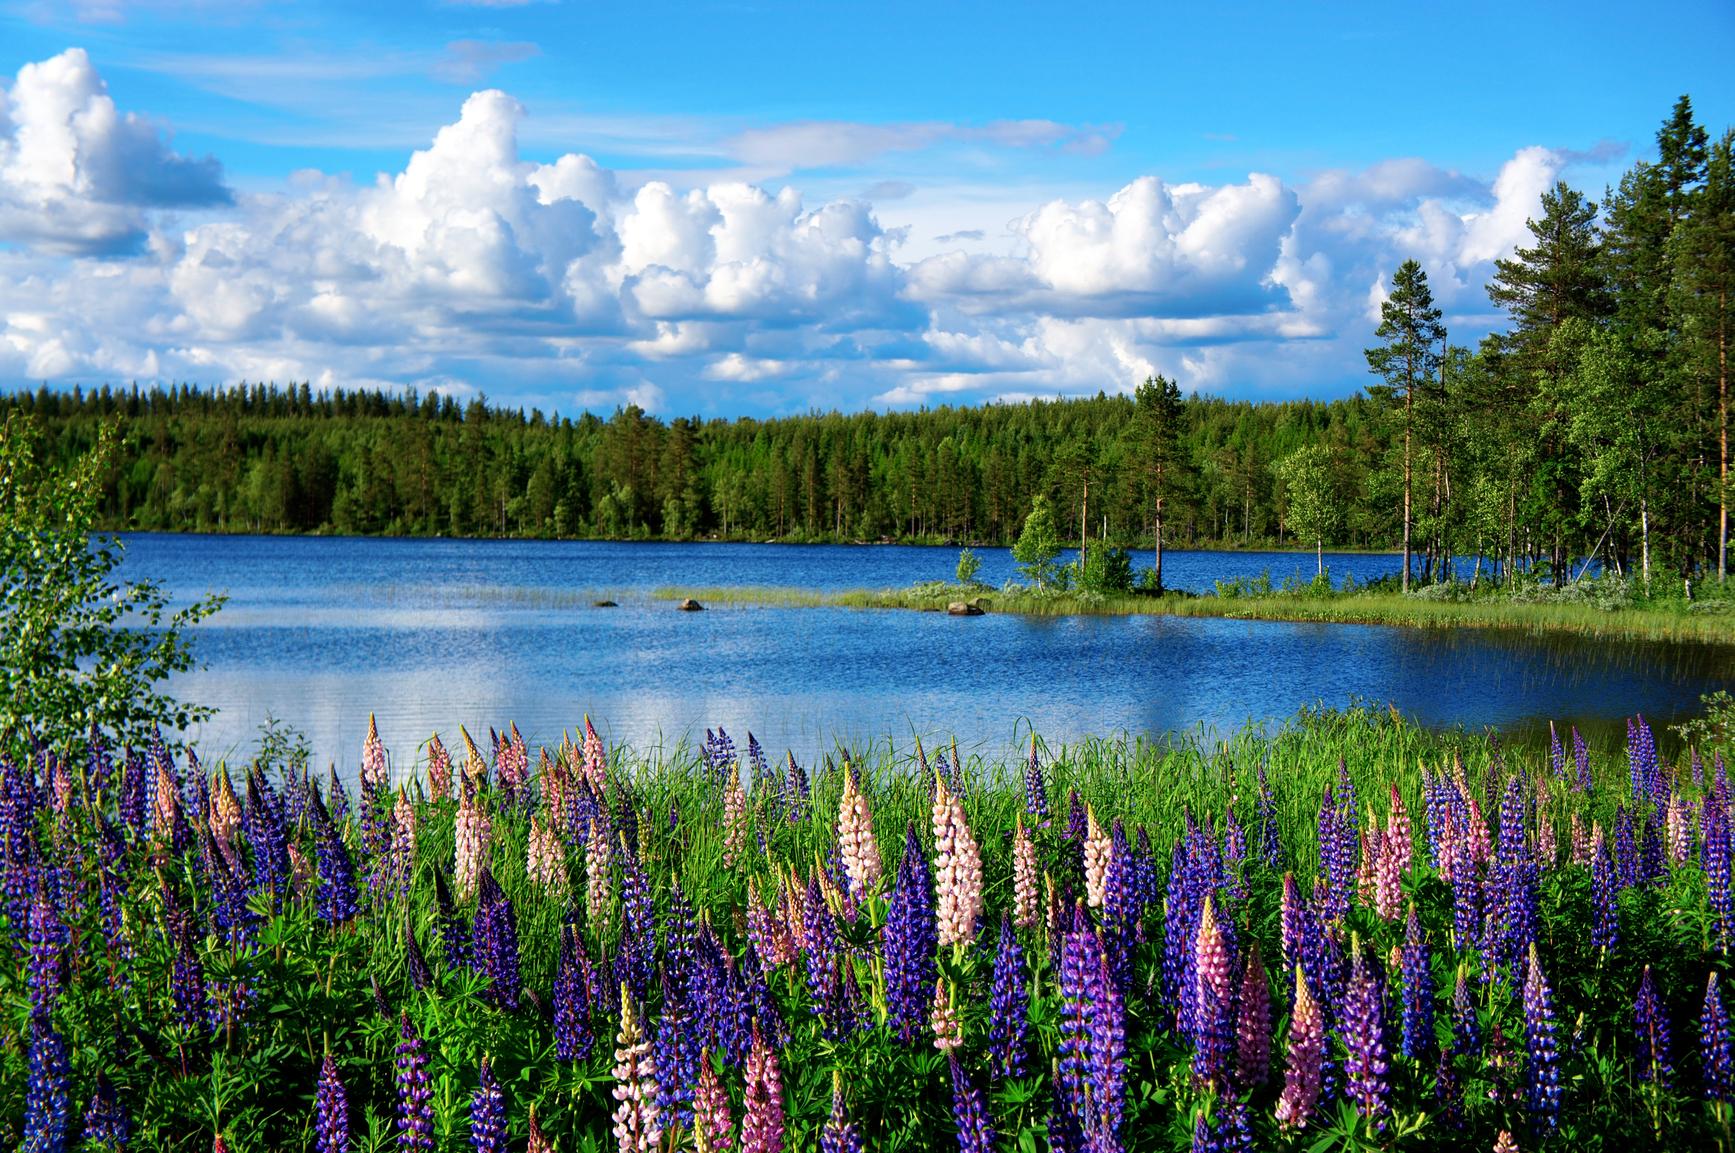 Scandinavian summer landscape